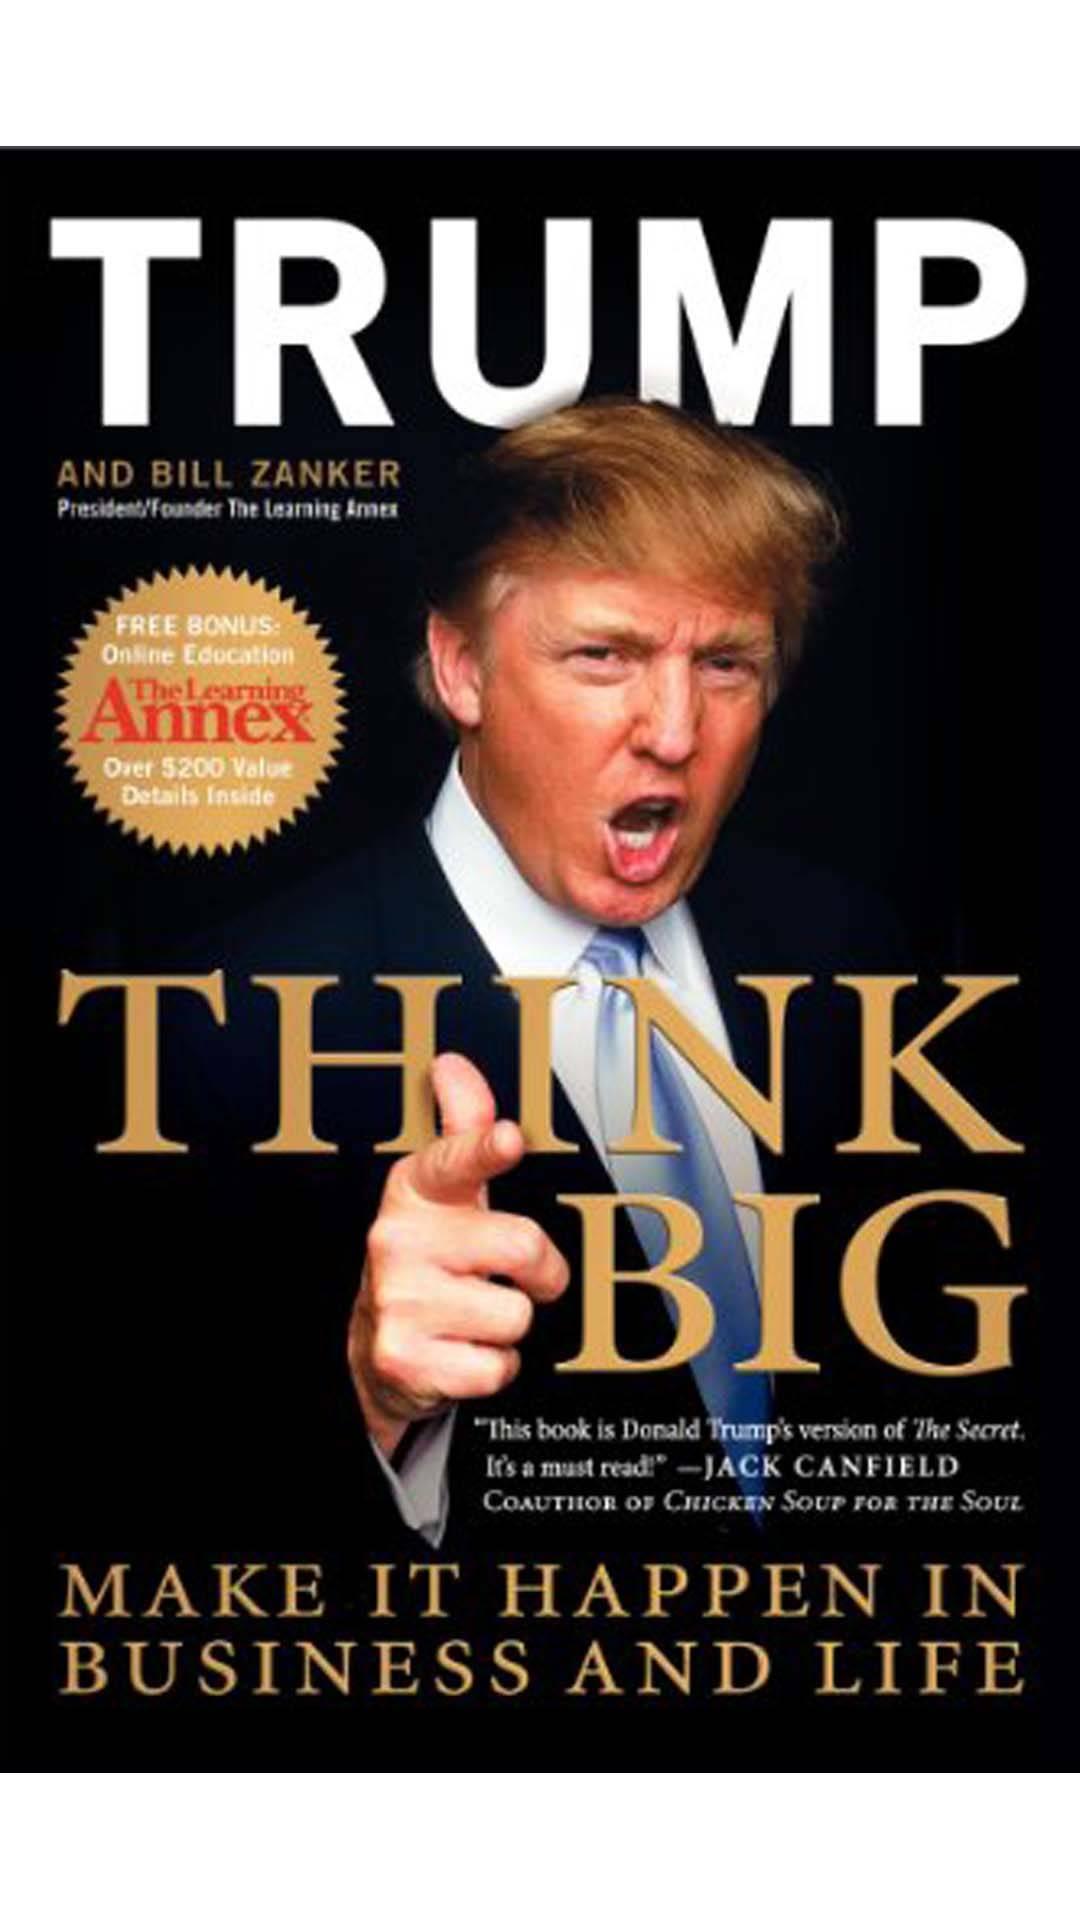 Think Big: Make It Happen in Business and Life, Donald J. Trump com Bill Zanker (Collins Business, 2007. Tem edição portuguesa Pense como um Campeão , Uma Educação Informal para os Negócios e para a Vida, Gestão Plus